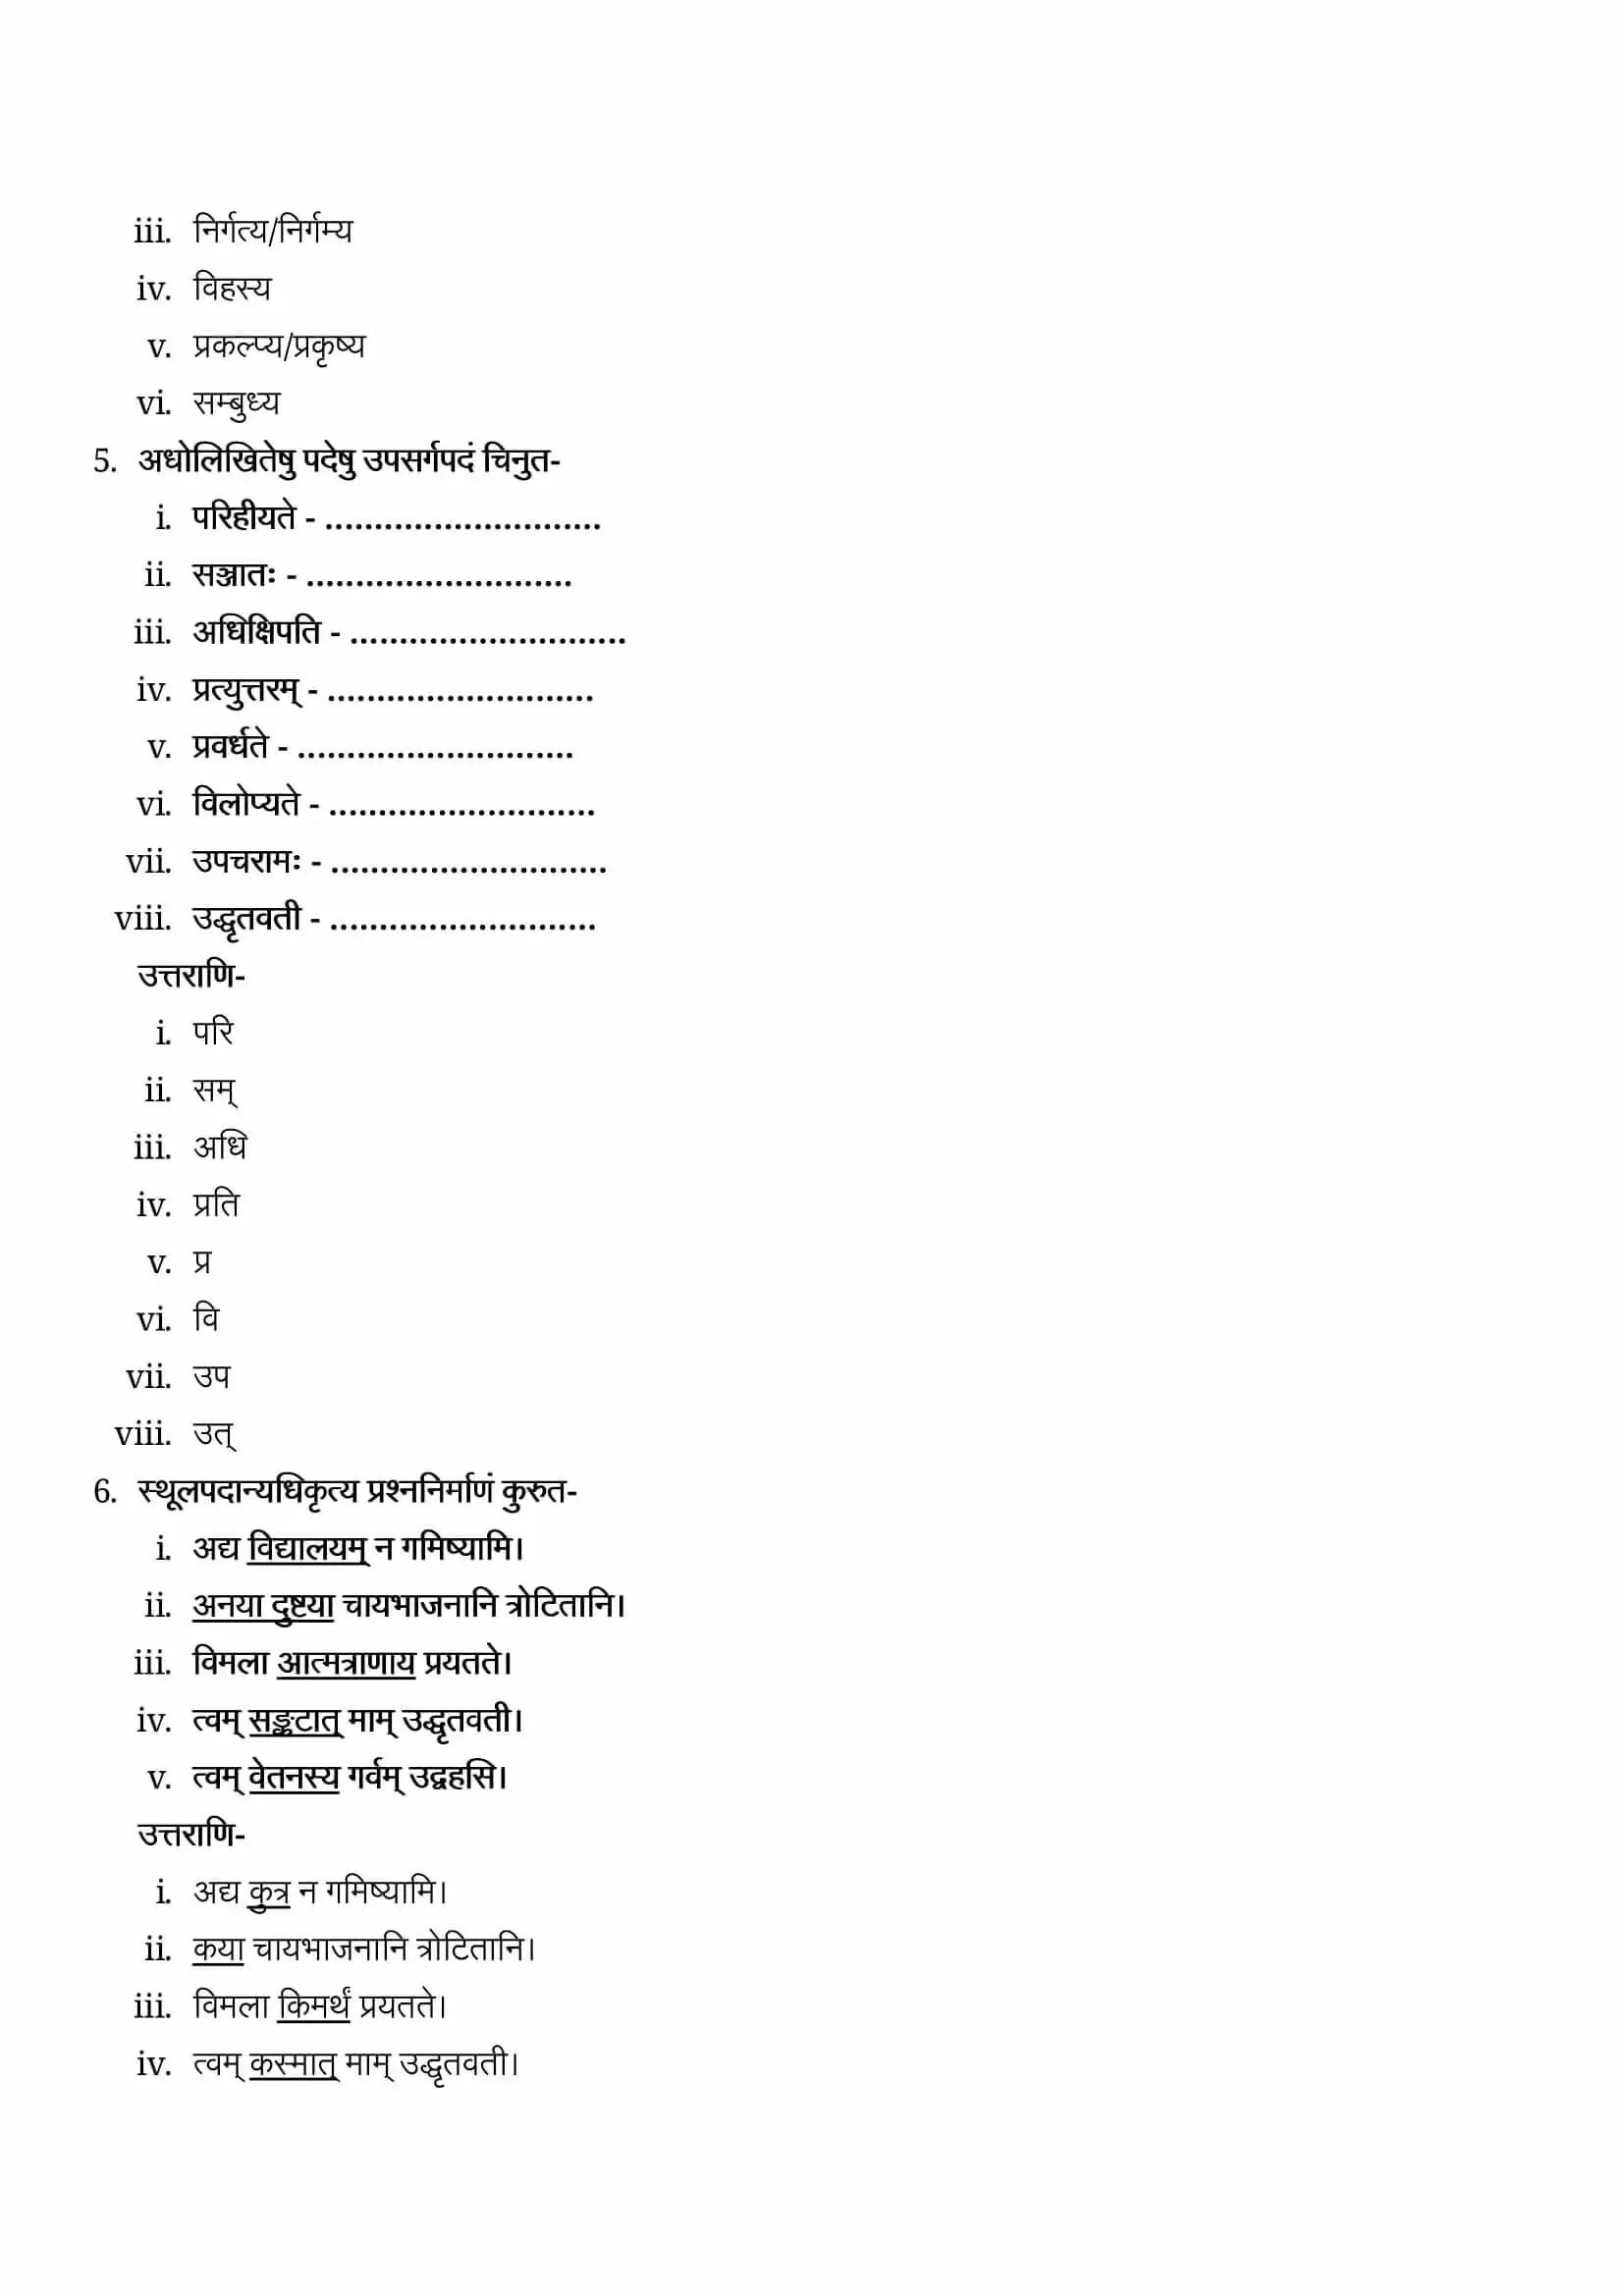 NCERT Solutions For Class 9 Sanskrit Shemushi Chapter 3